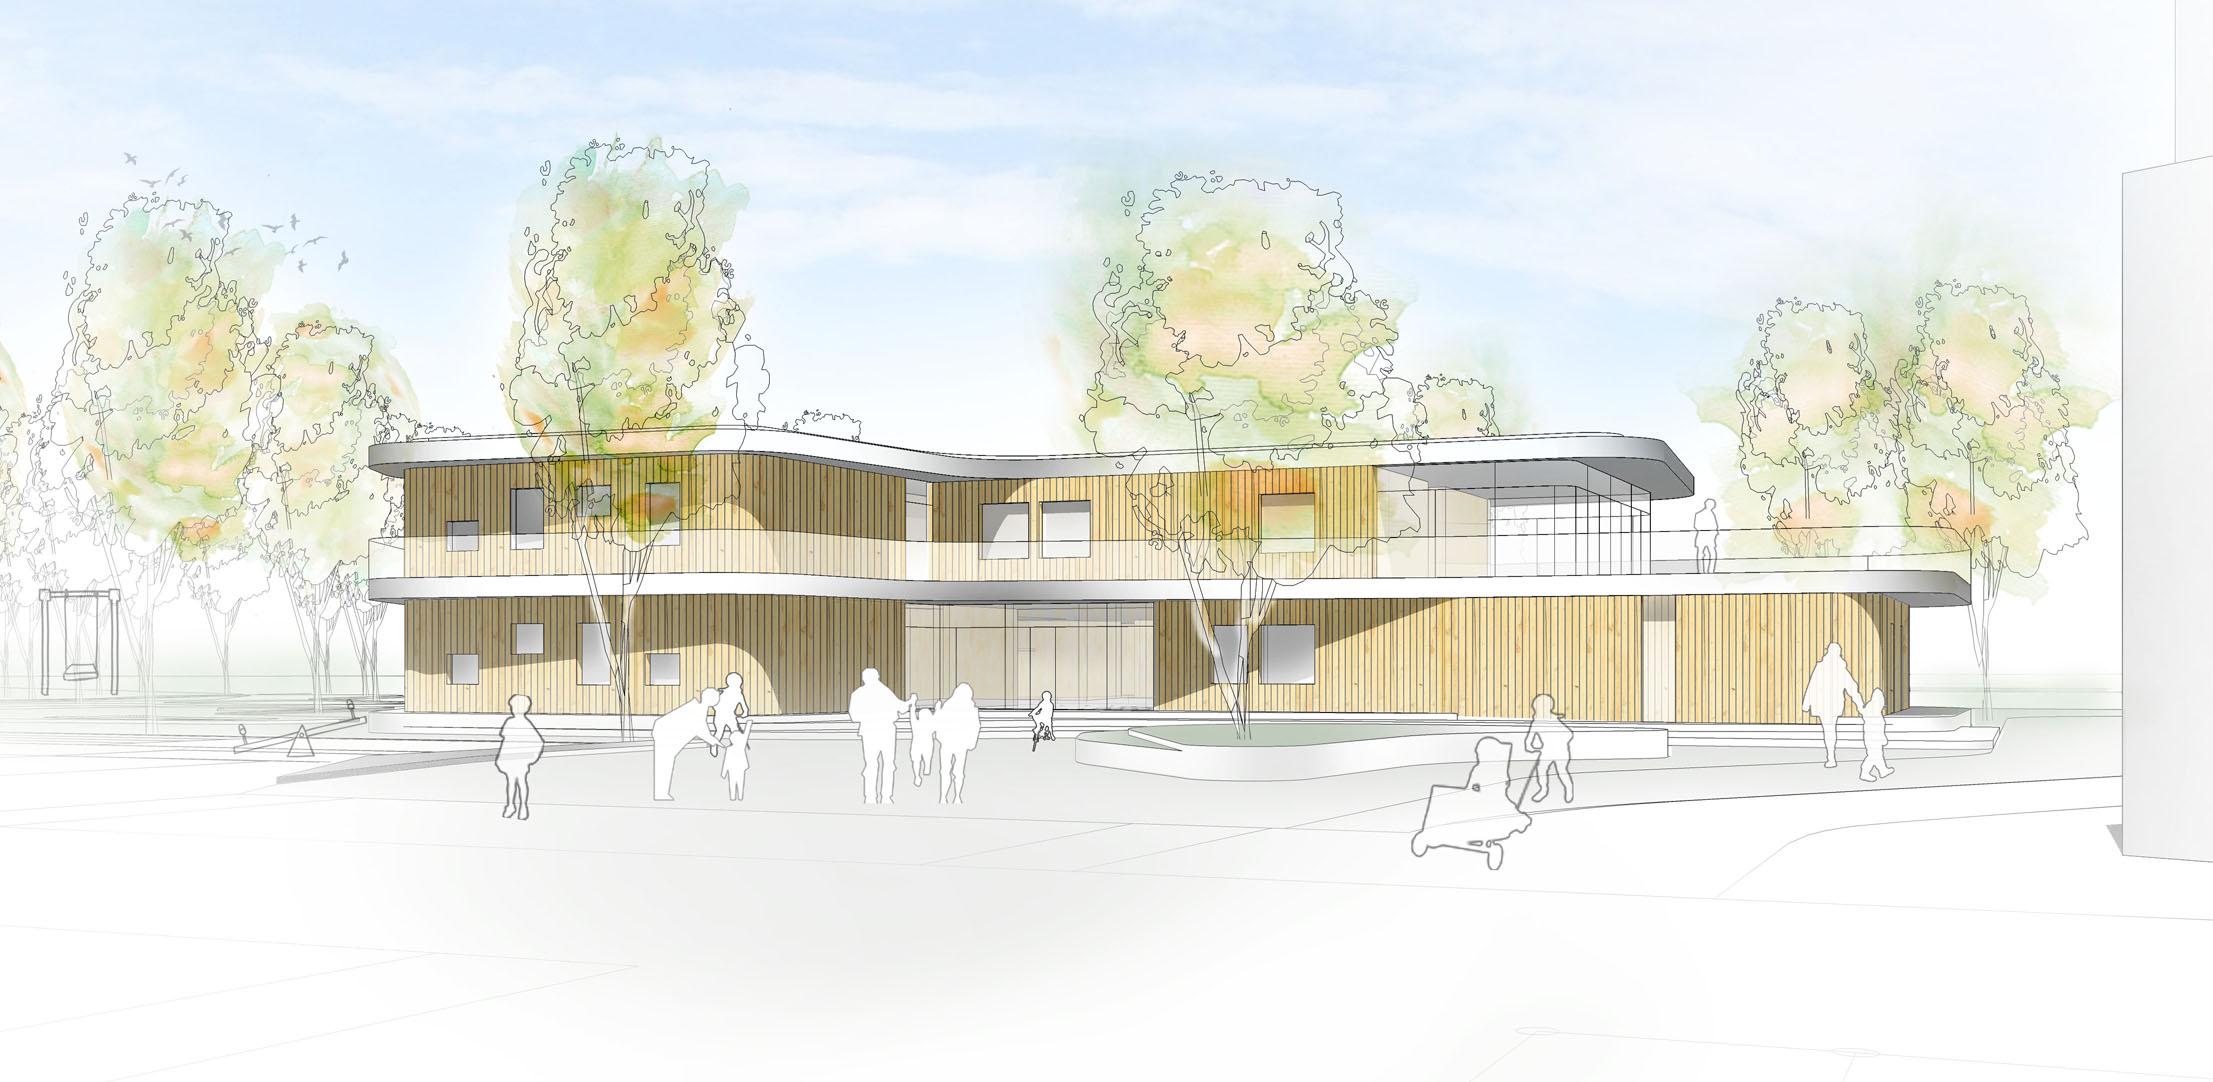 Neubau Kinderhaus mit 6 Gruppen Walldorf – Anerkennung (mit Sinning Architekten)